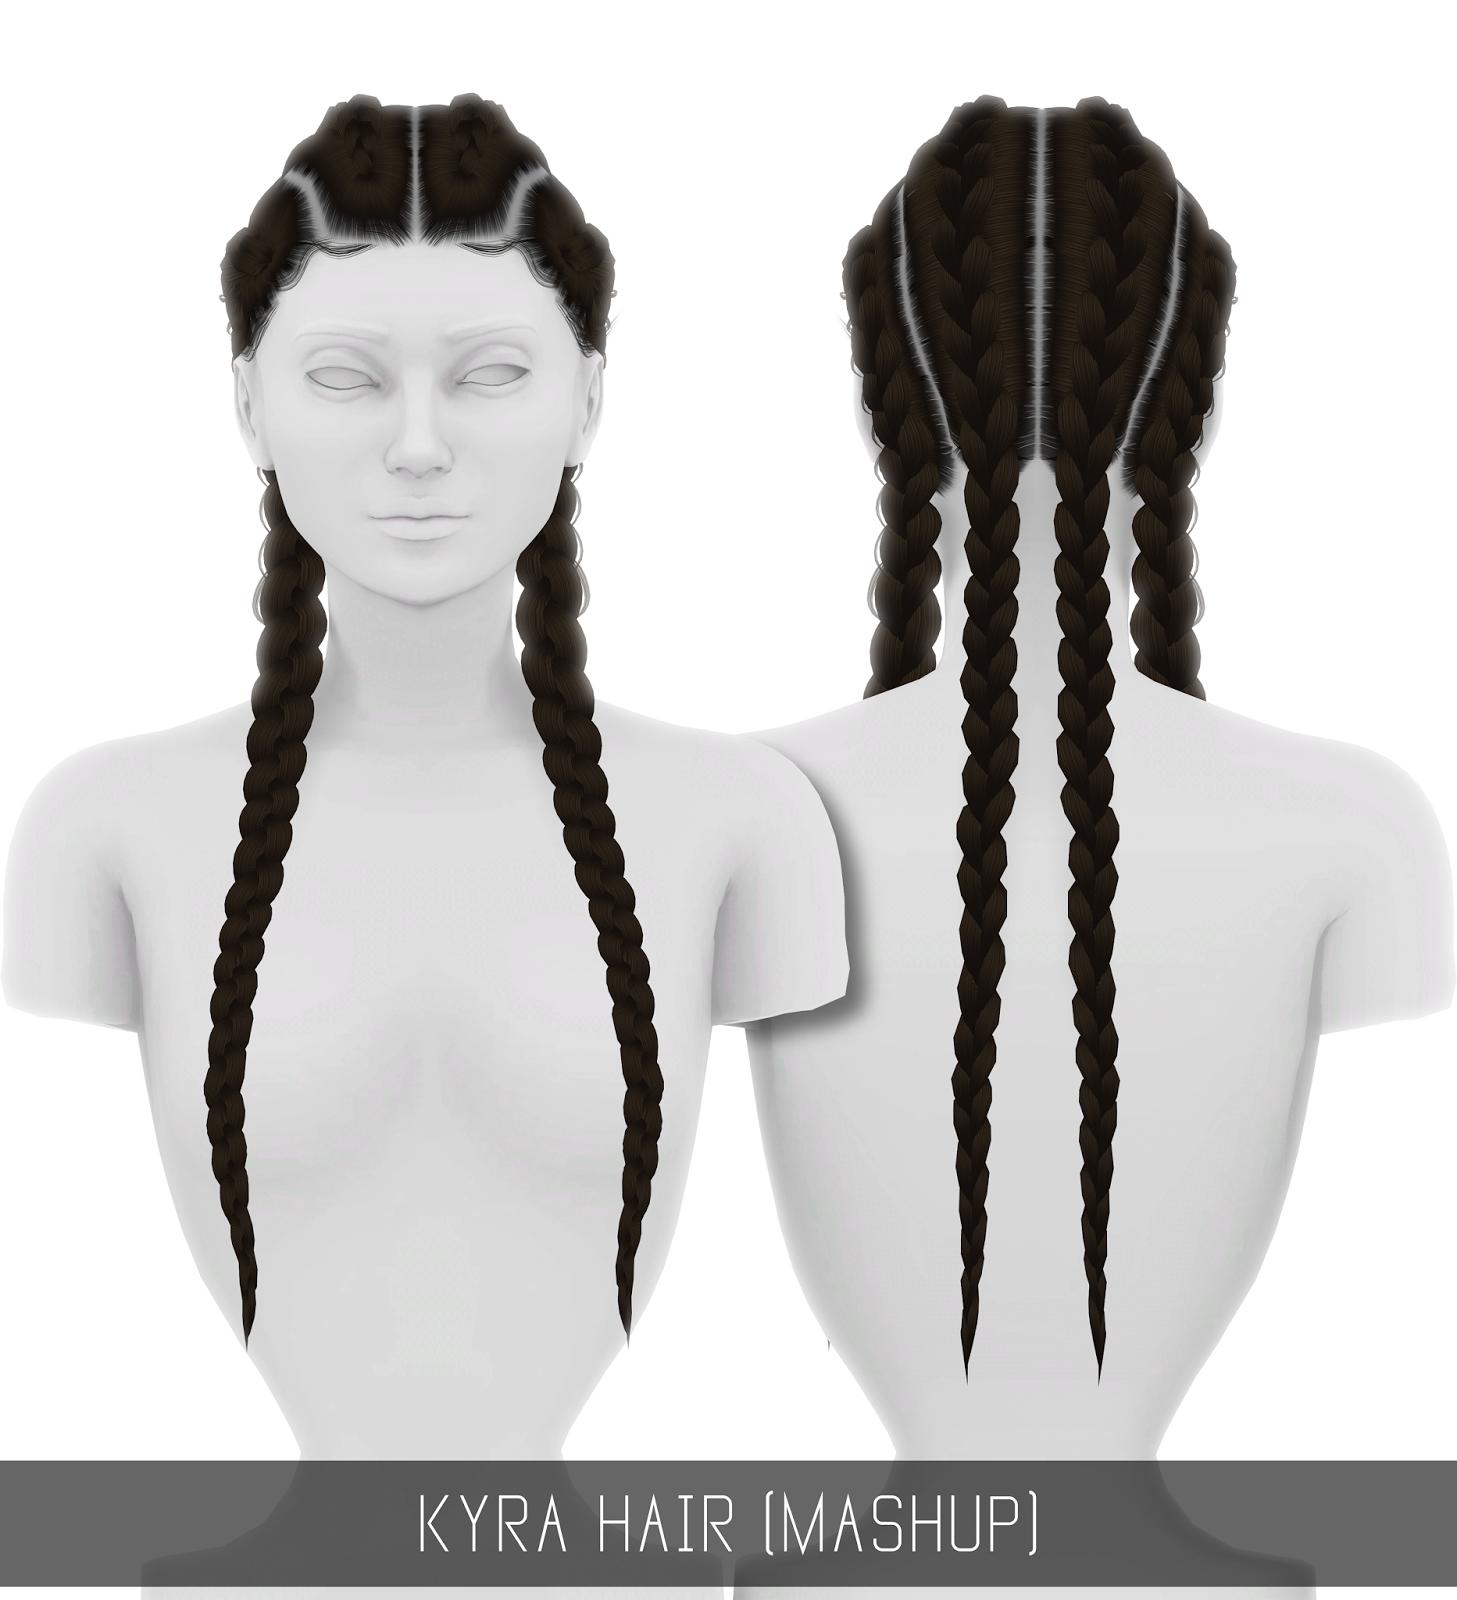 Pin by MeerkatSimmer on Sims 4 Female Hairs Pinterest